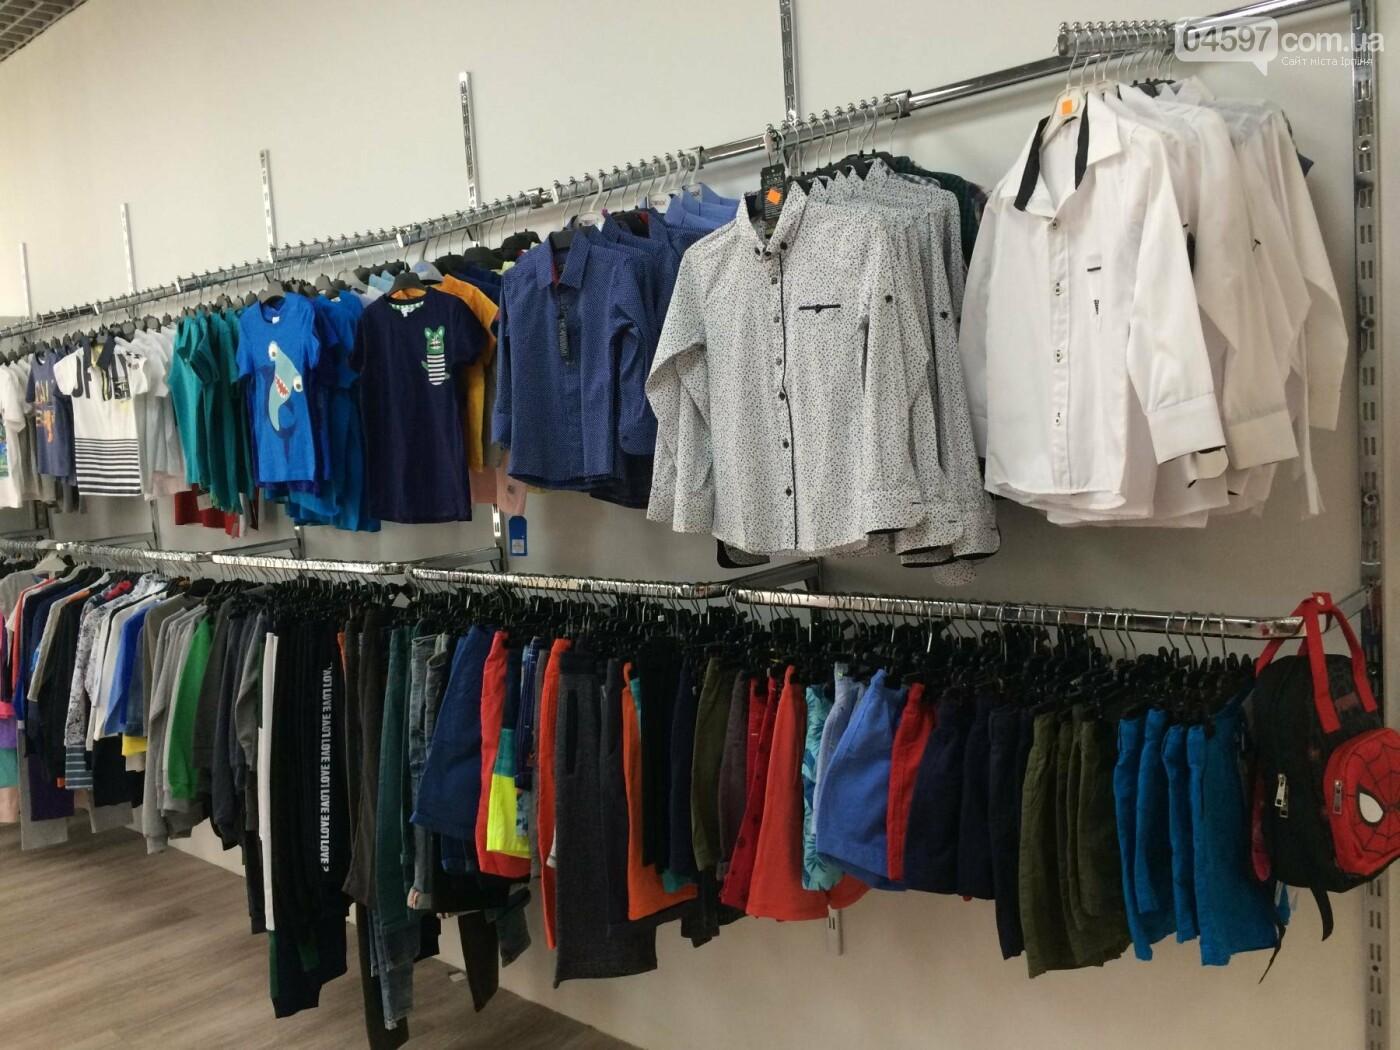 Де купити дитячий одяг в Ірпені: асортимент та ціни, фото-21